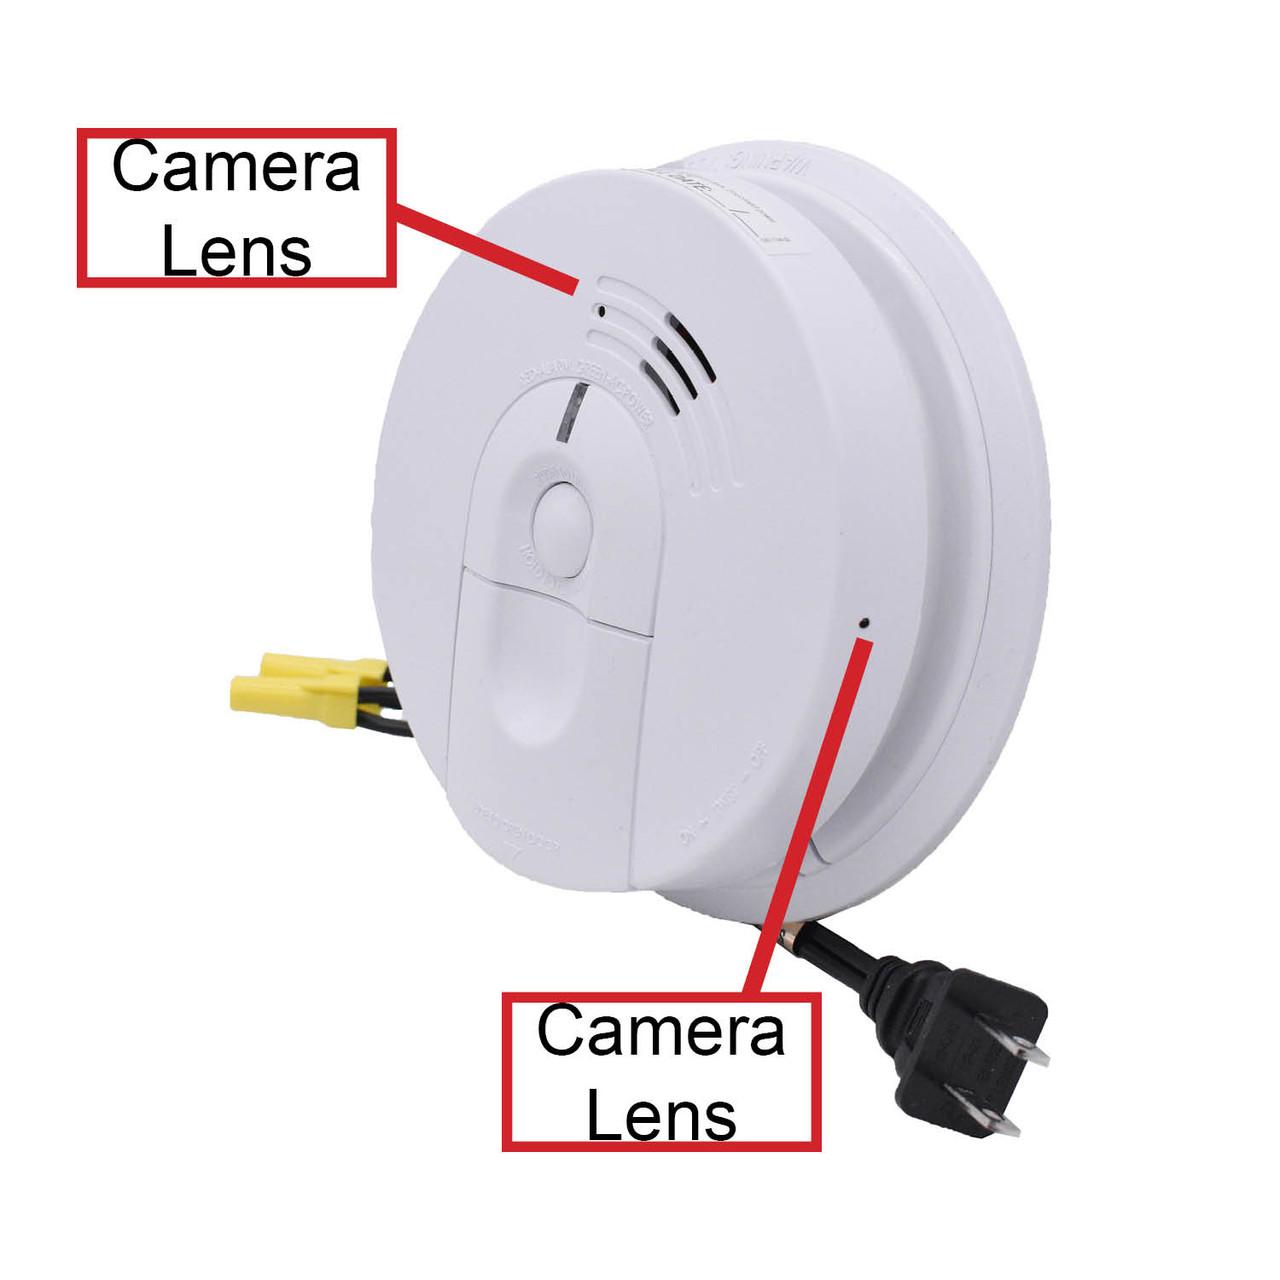 Smoke Detector Camera with Dual Cameras